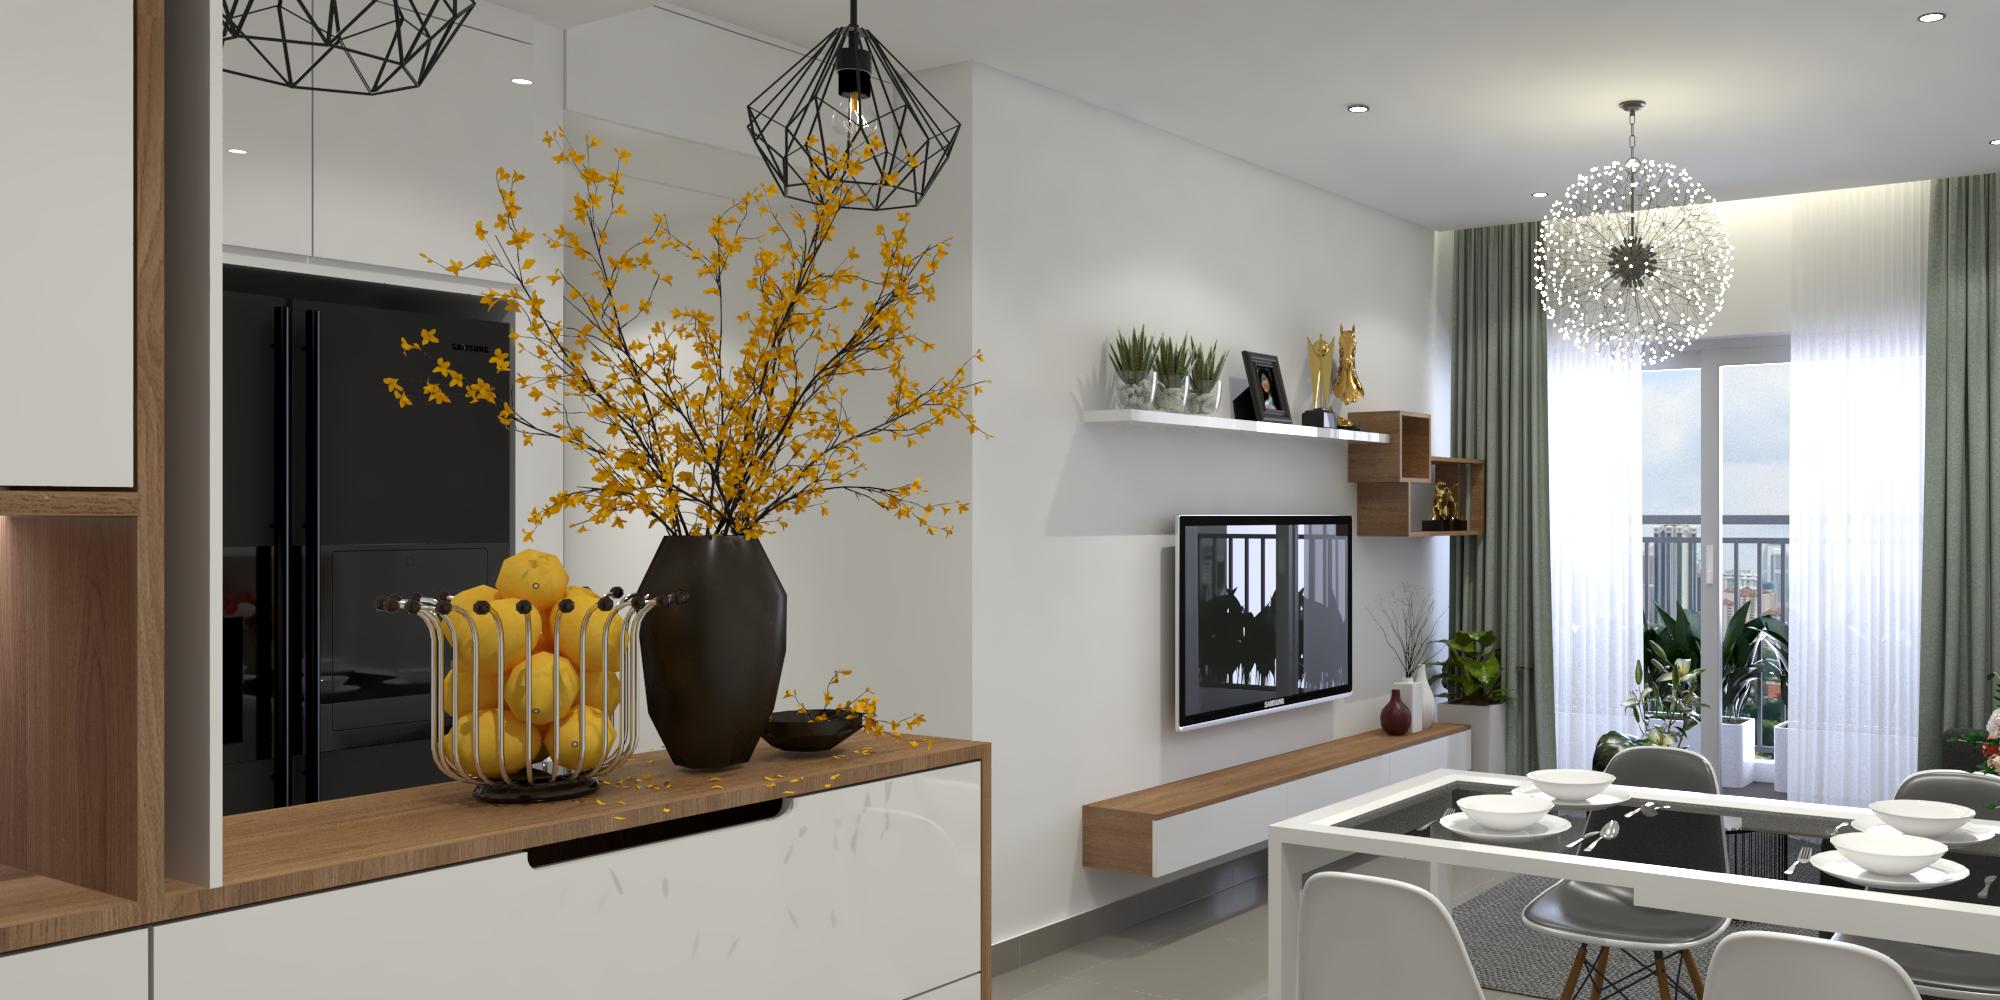 Thiết kế nội thất Chung Cư tại Hồ Chí Minh Căn hộ Sunrisse 1576570108 0